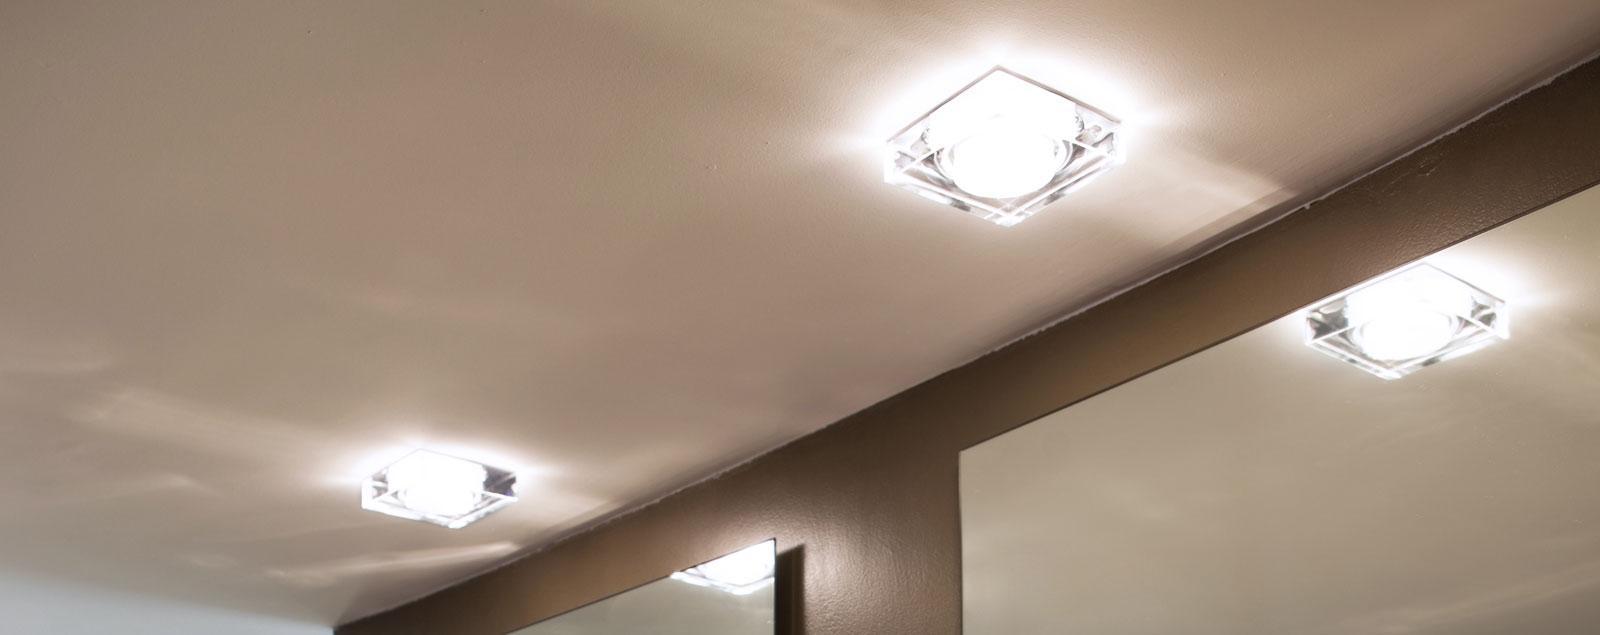 D27 Faretti Lui recessed spotlight - Fabbian Illuminazione